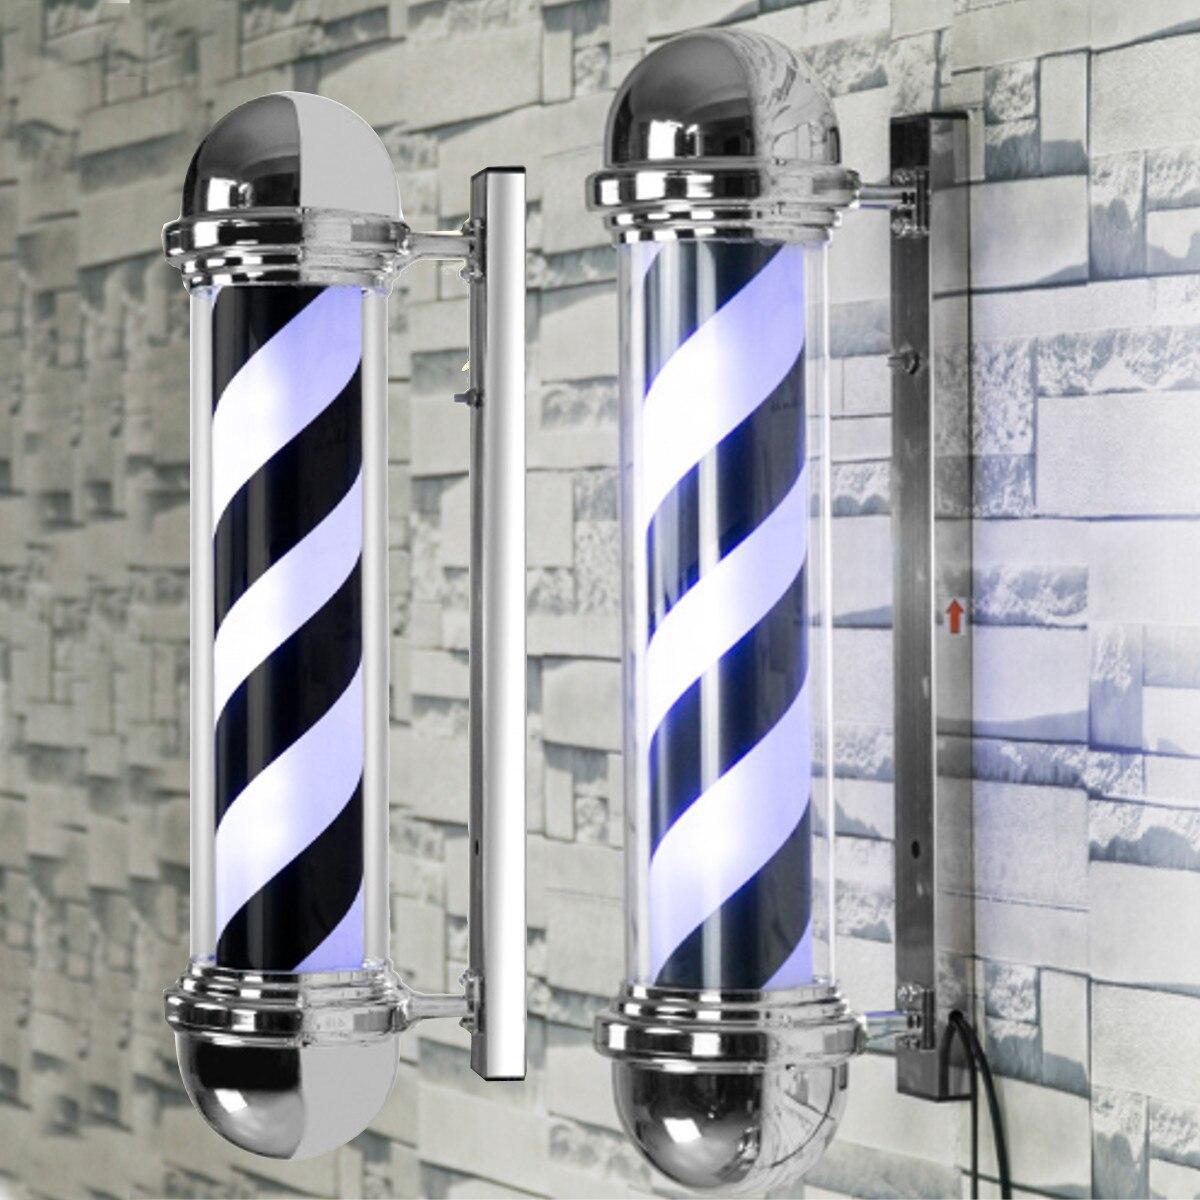 LED Berber Dükkanı Işareti Kutup Işık Siyah Beyaz Mavi Şerit Tasarımı Döner Salon Duvar Asılı Işık Lambası Güzellik Salonu Lamba